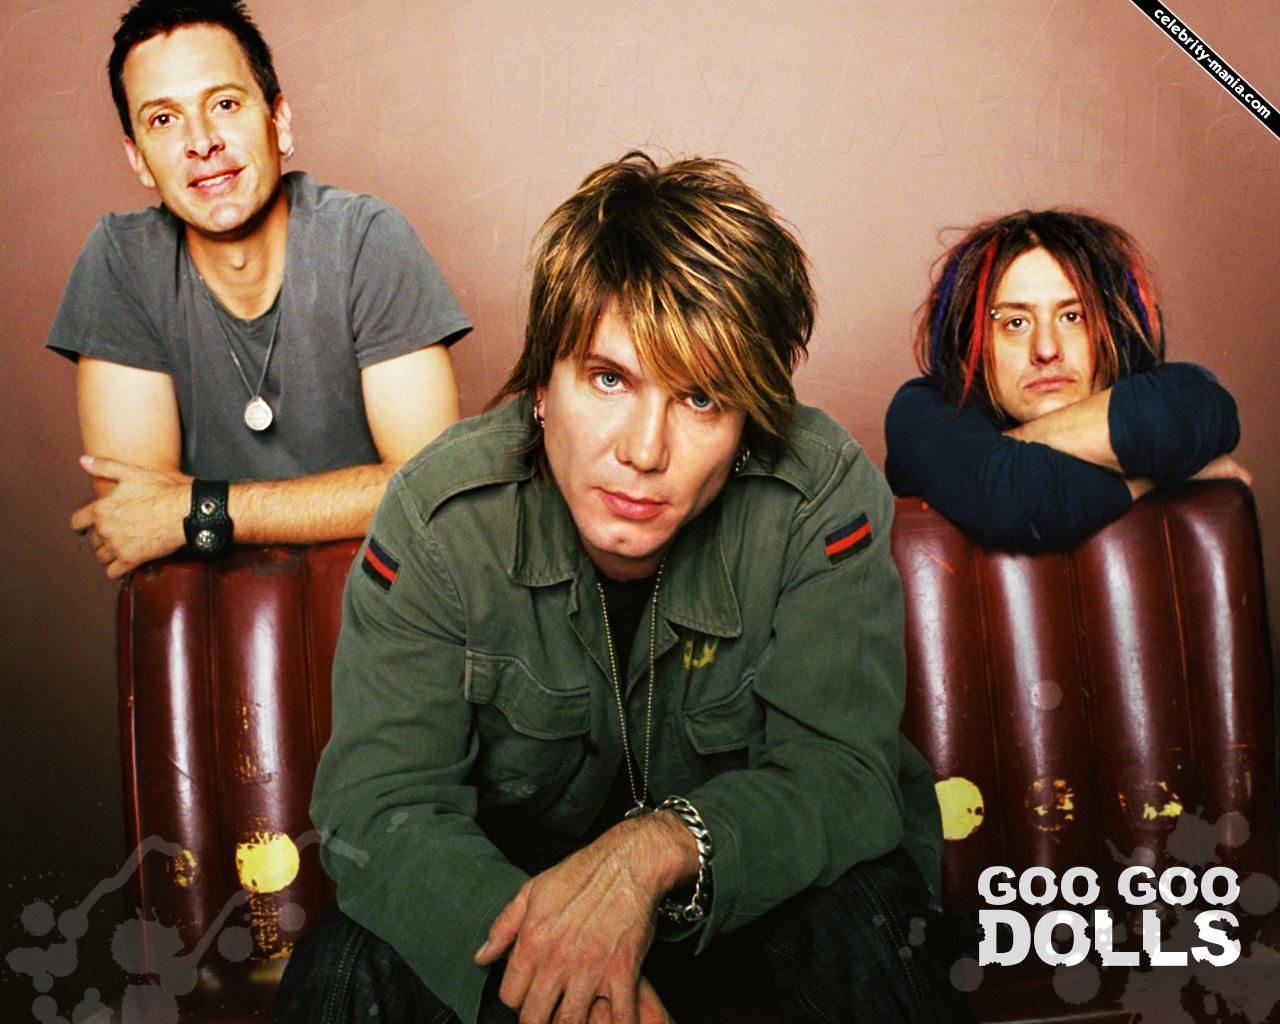 The Goo Goo Dolls Tour